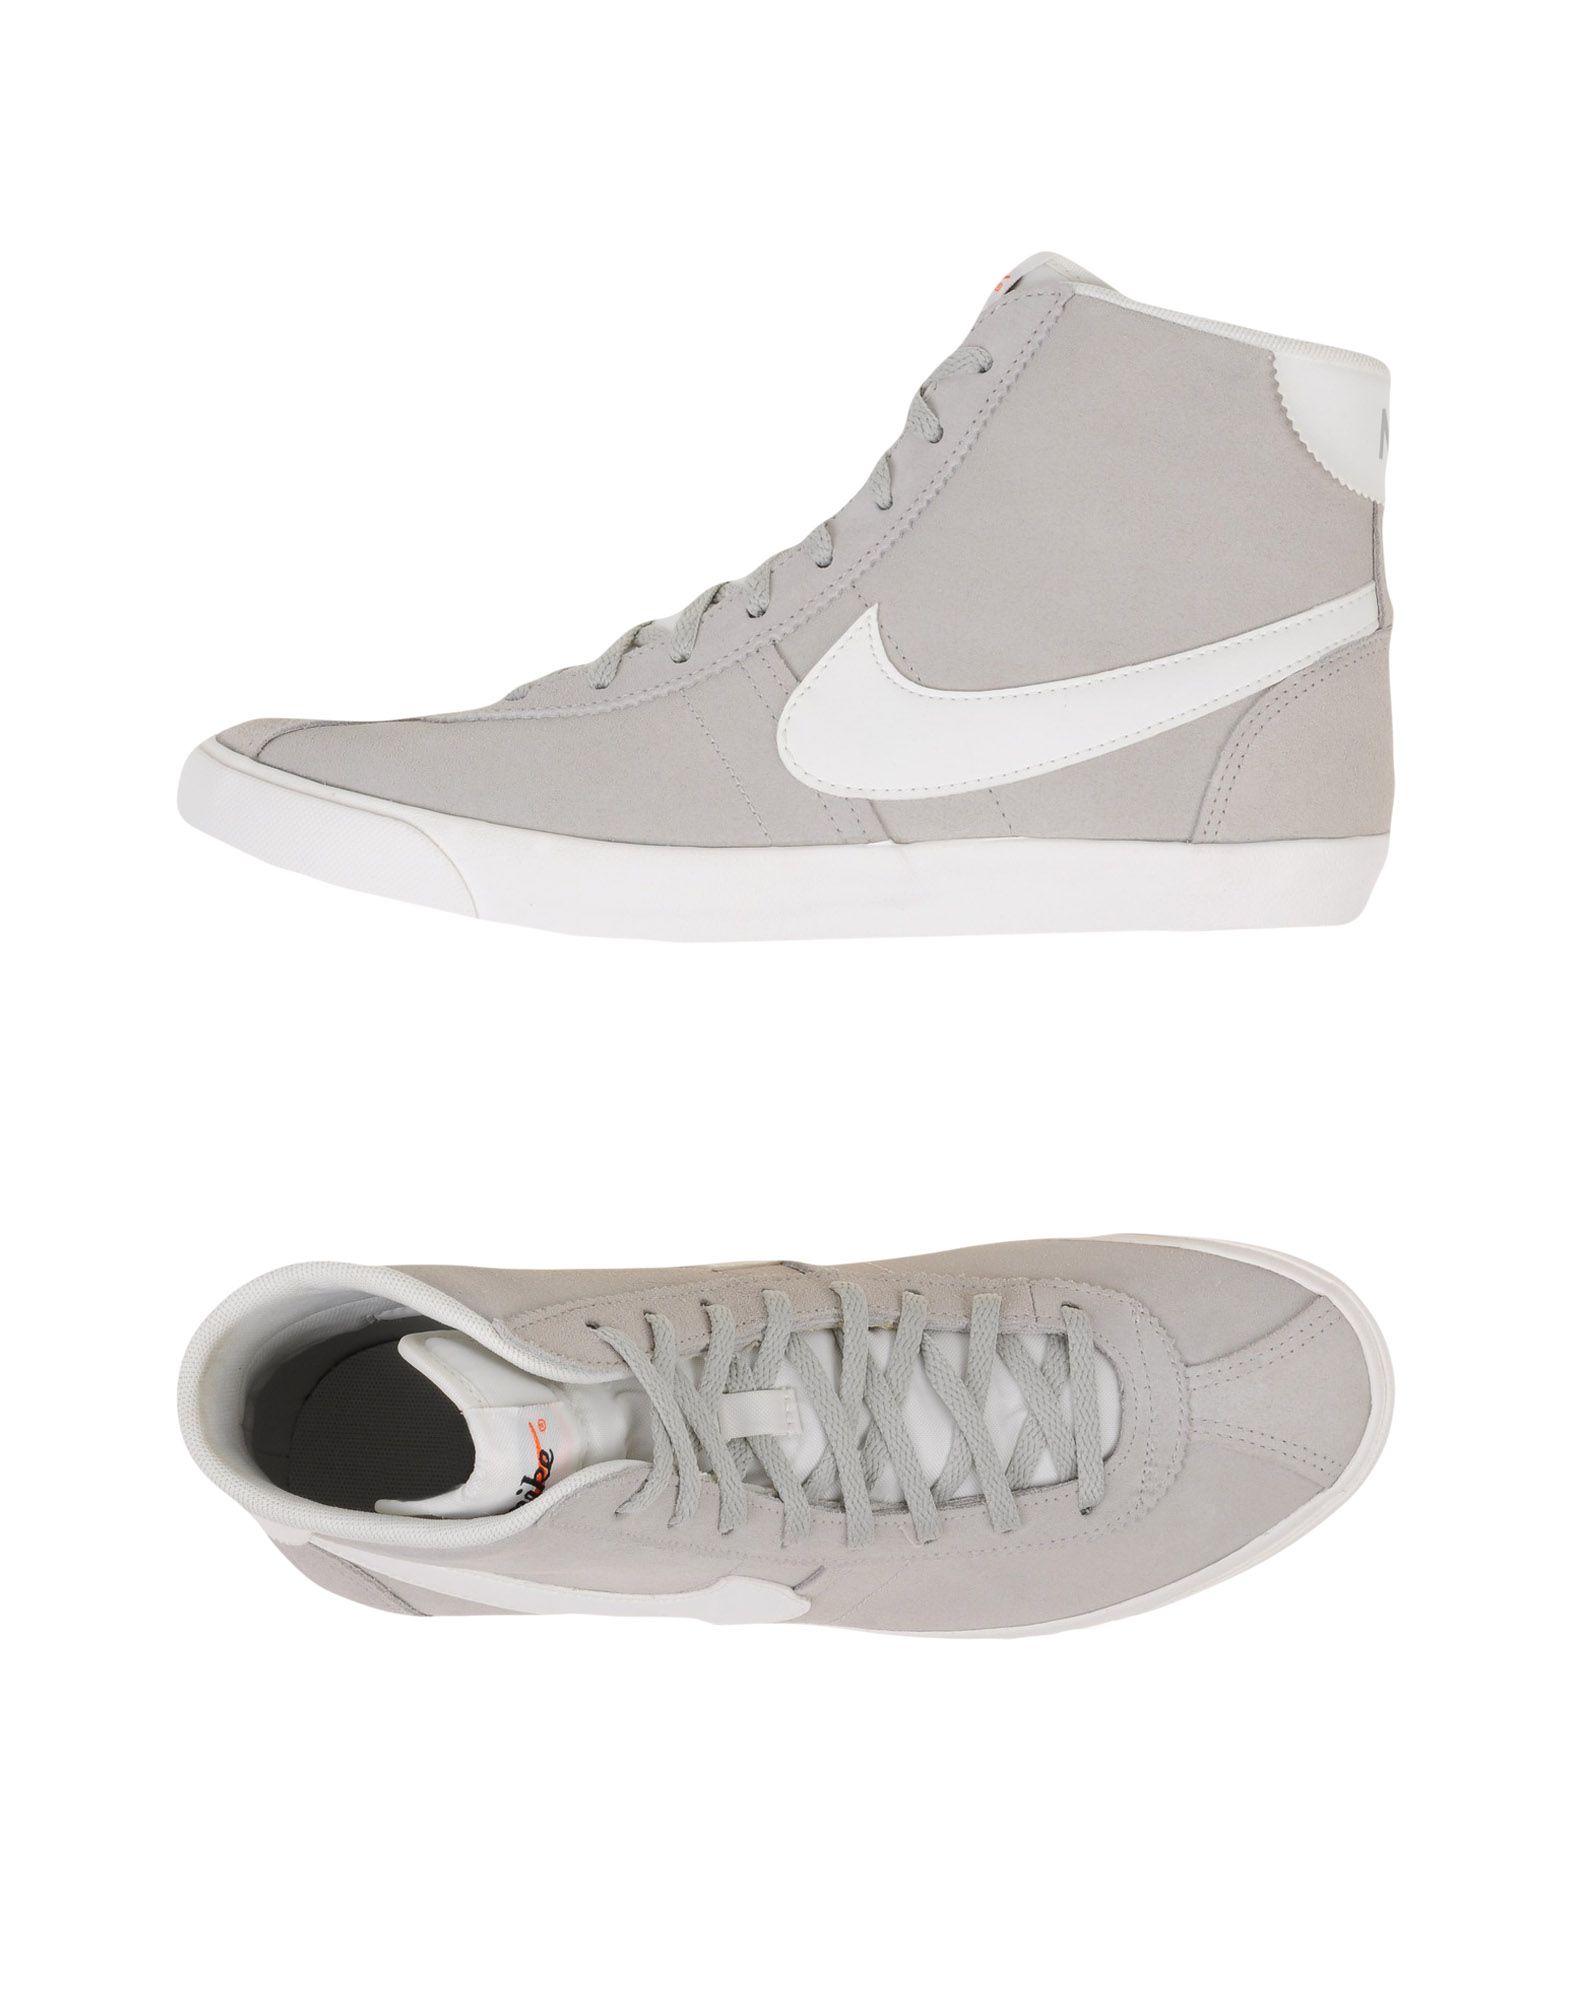 Scarpe economiche e resistenti Sneakers Nike Donna - 11132326BA